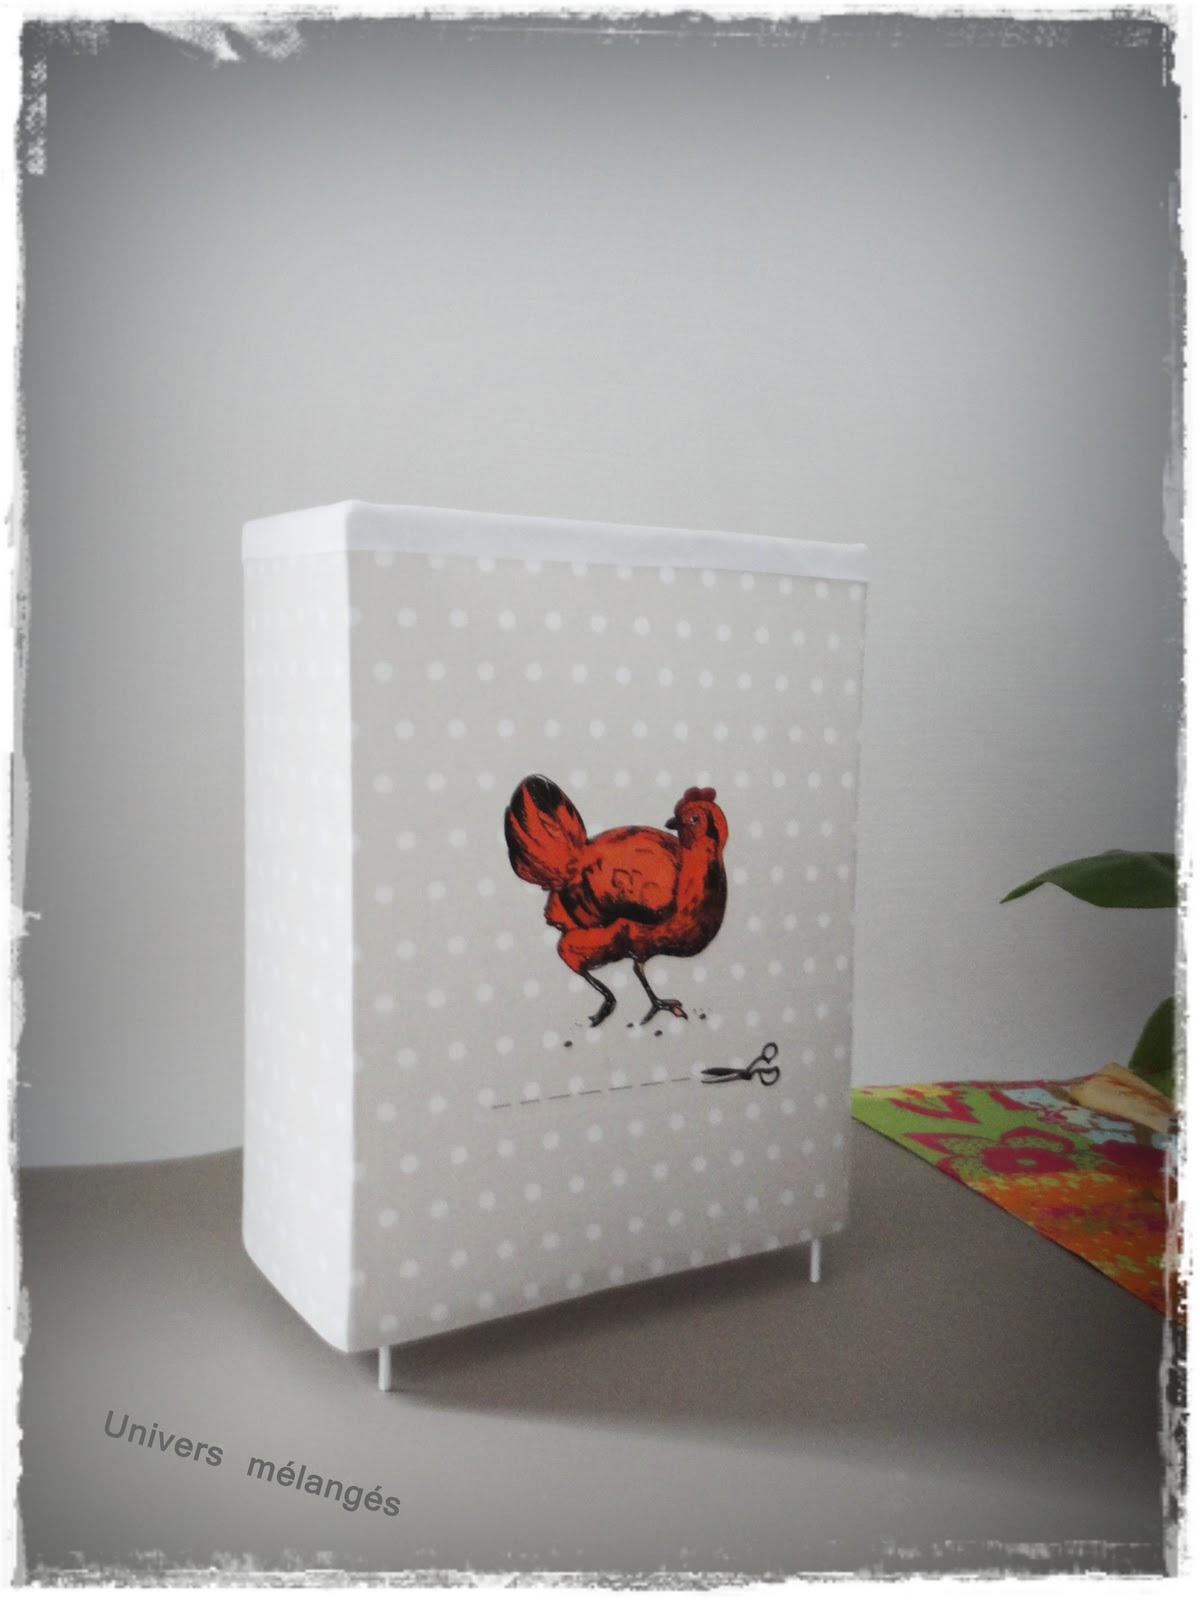 """Lampe Poule univers mélangés: la lampe """"petite poule rousse"""""""